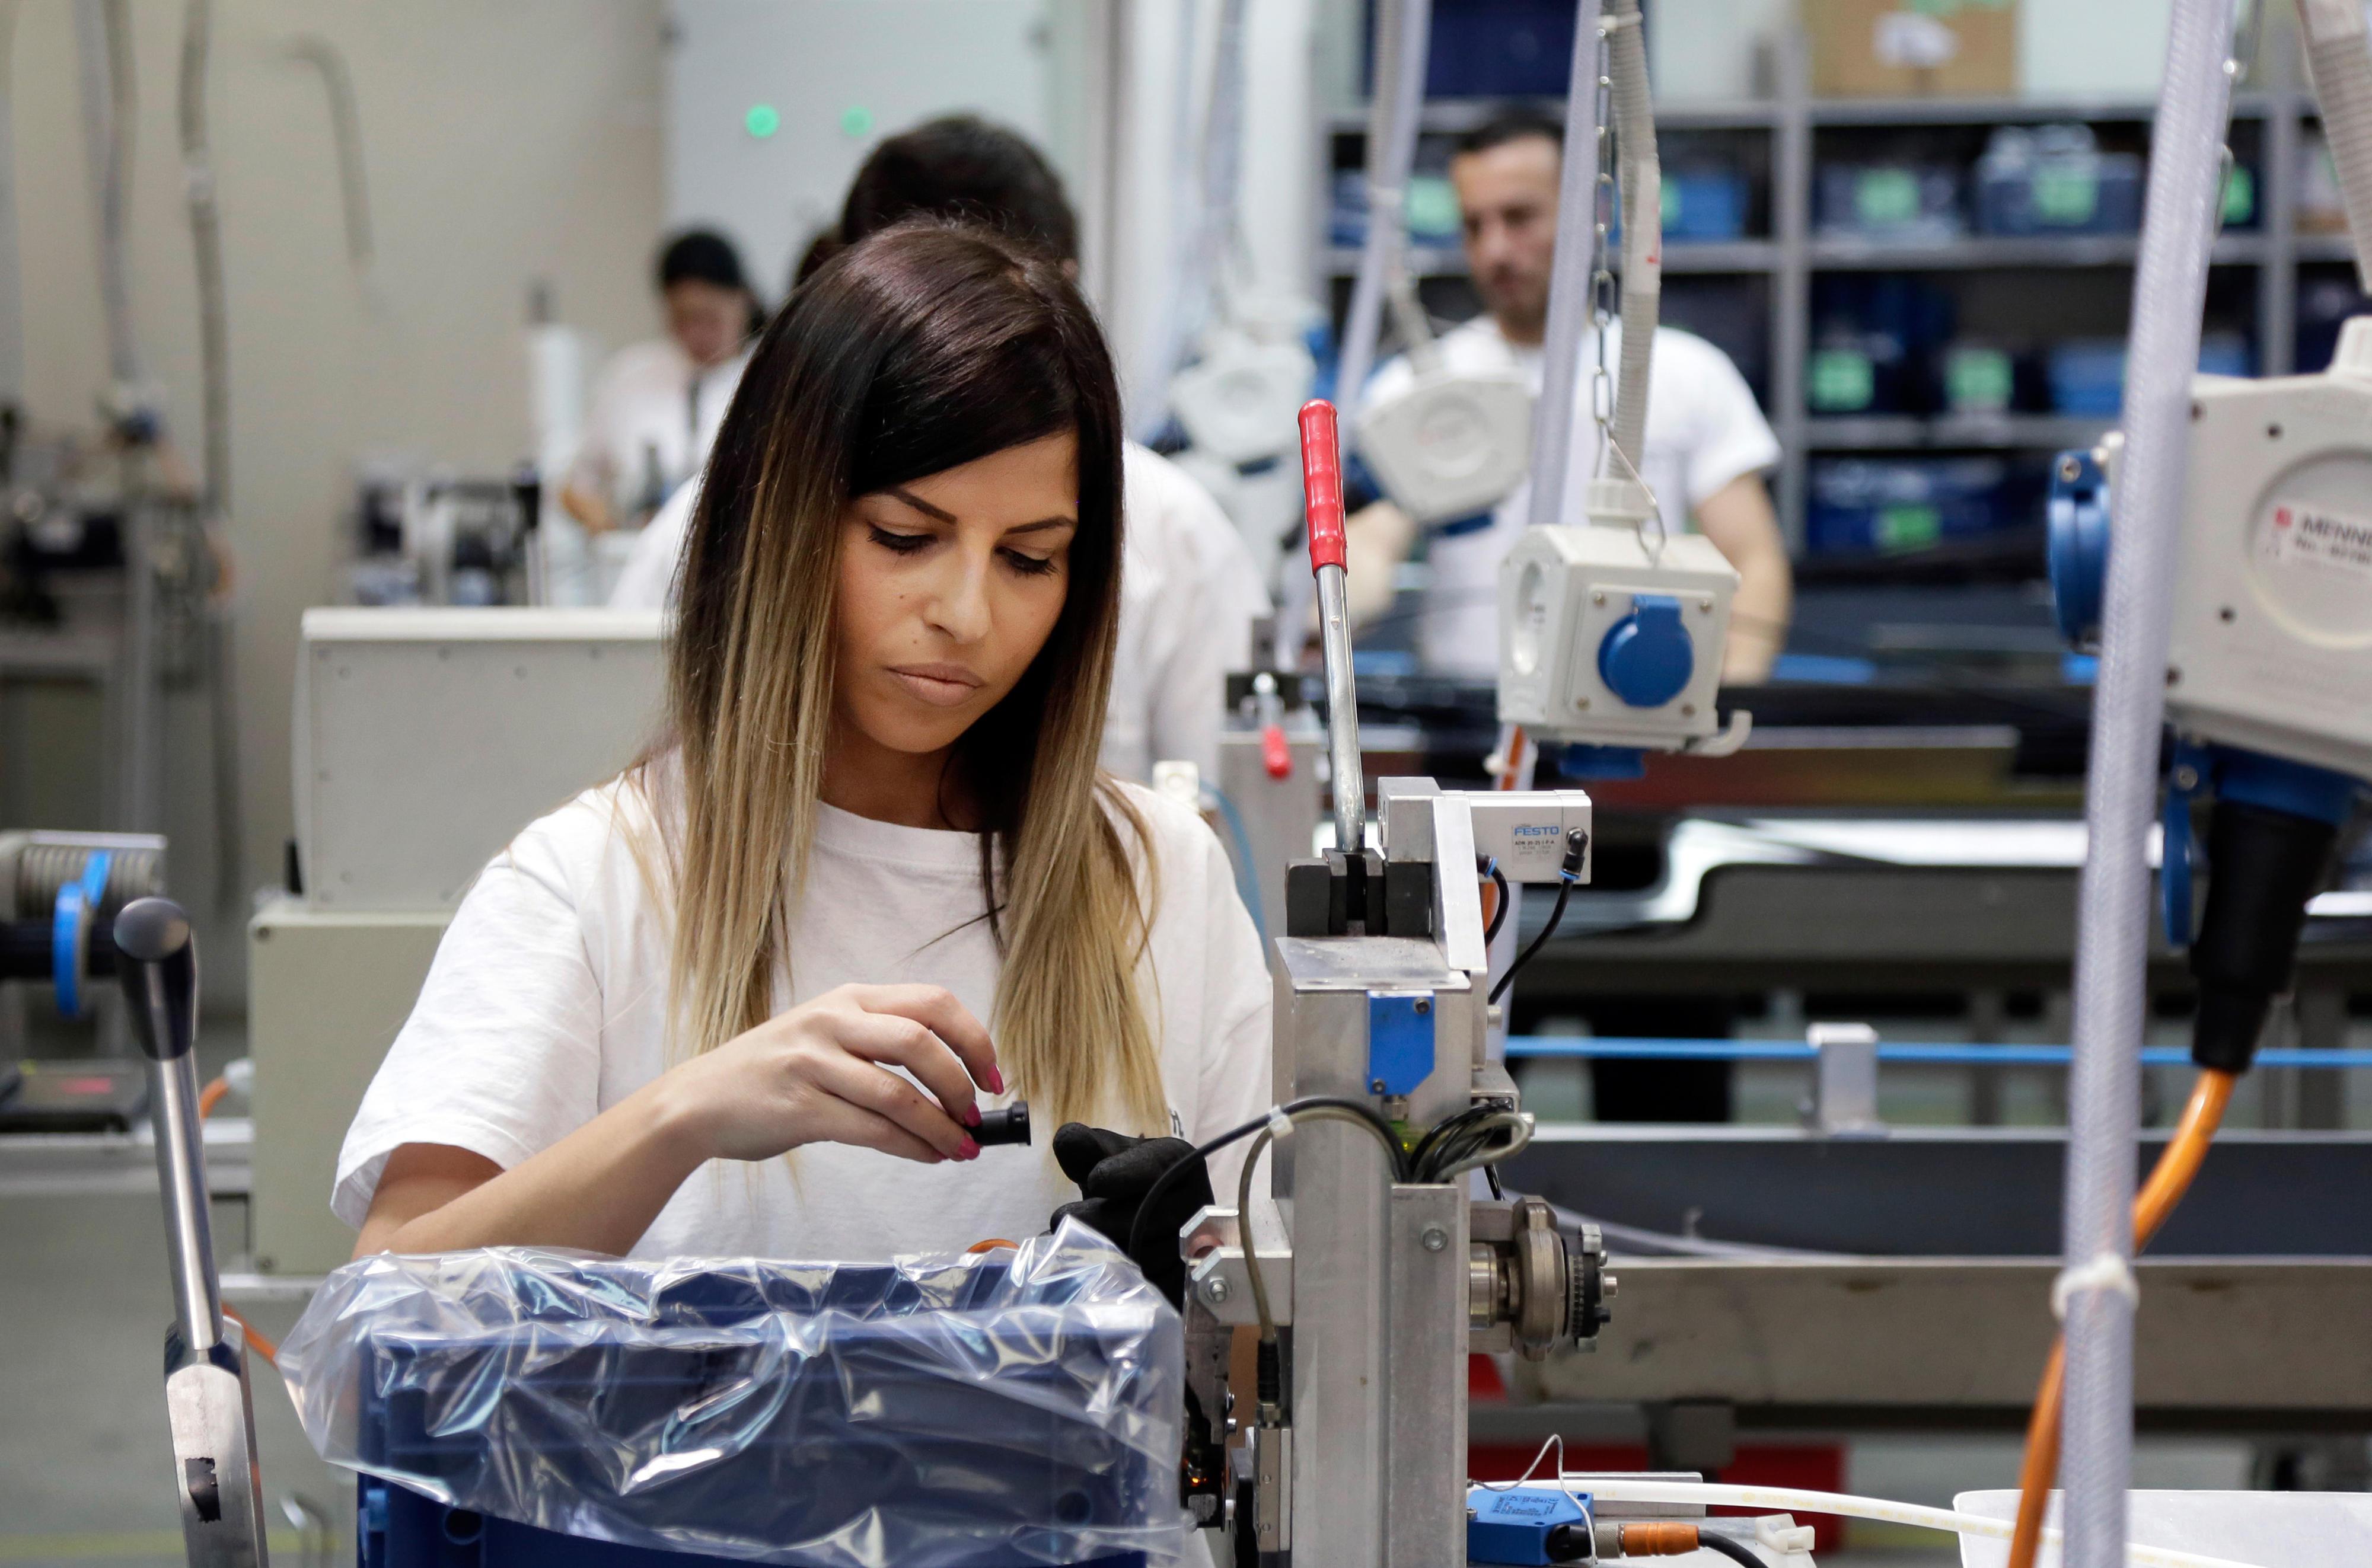 Mitarbeiterinbei dem Automobilzulieferer Veritas in Sarajevo, Bosnien und Herzegowina. Hier werden unter anderem Leitungen für Audi und VW produziert.